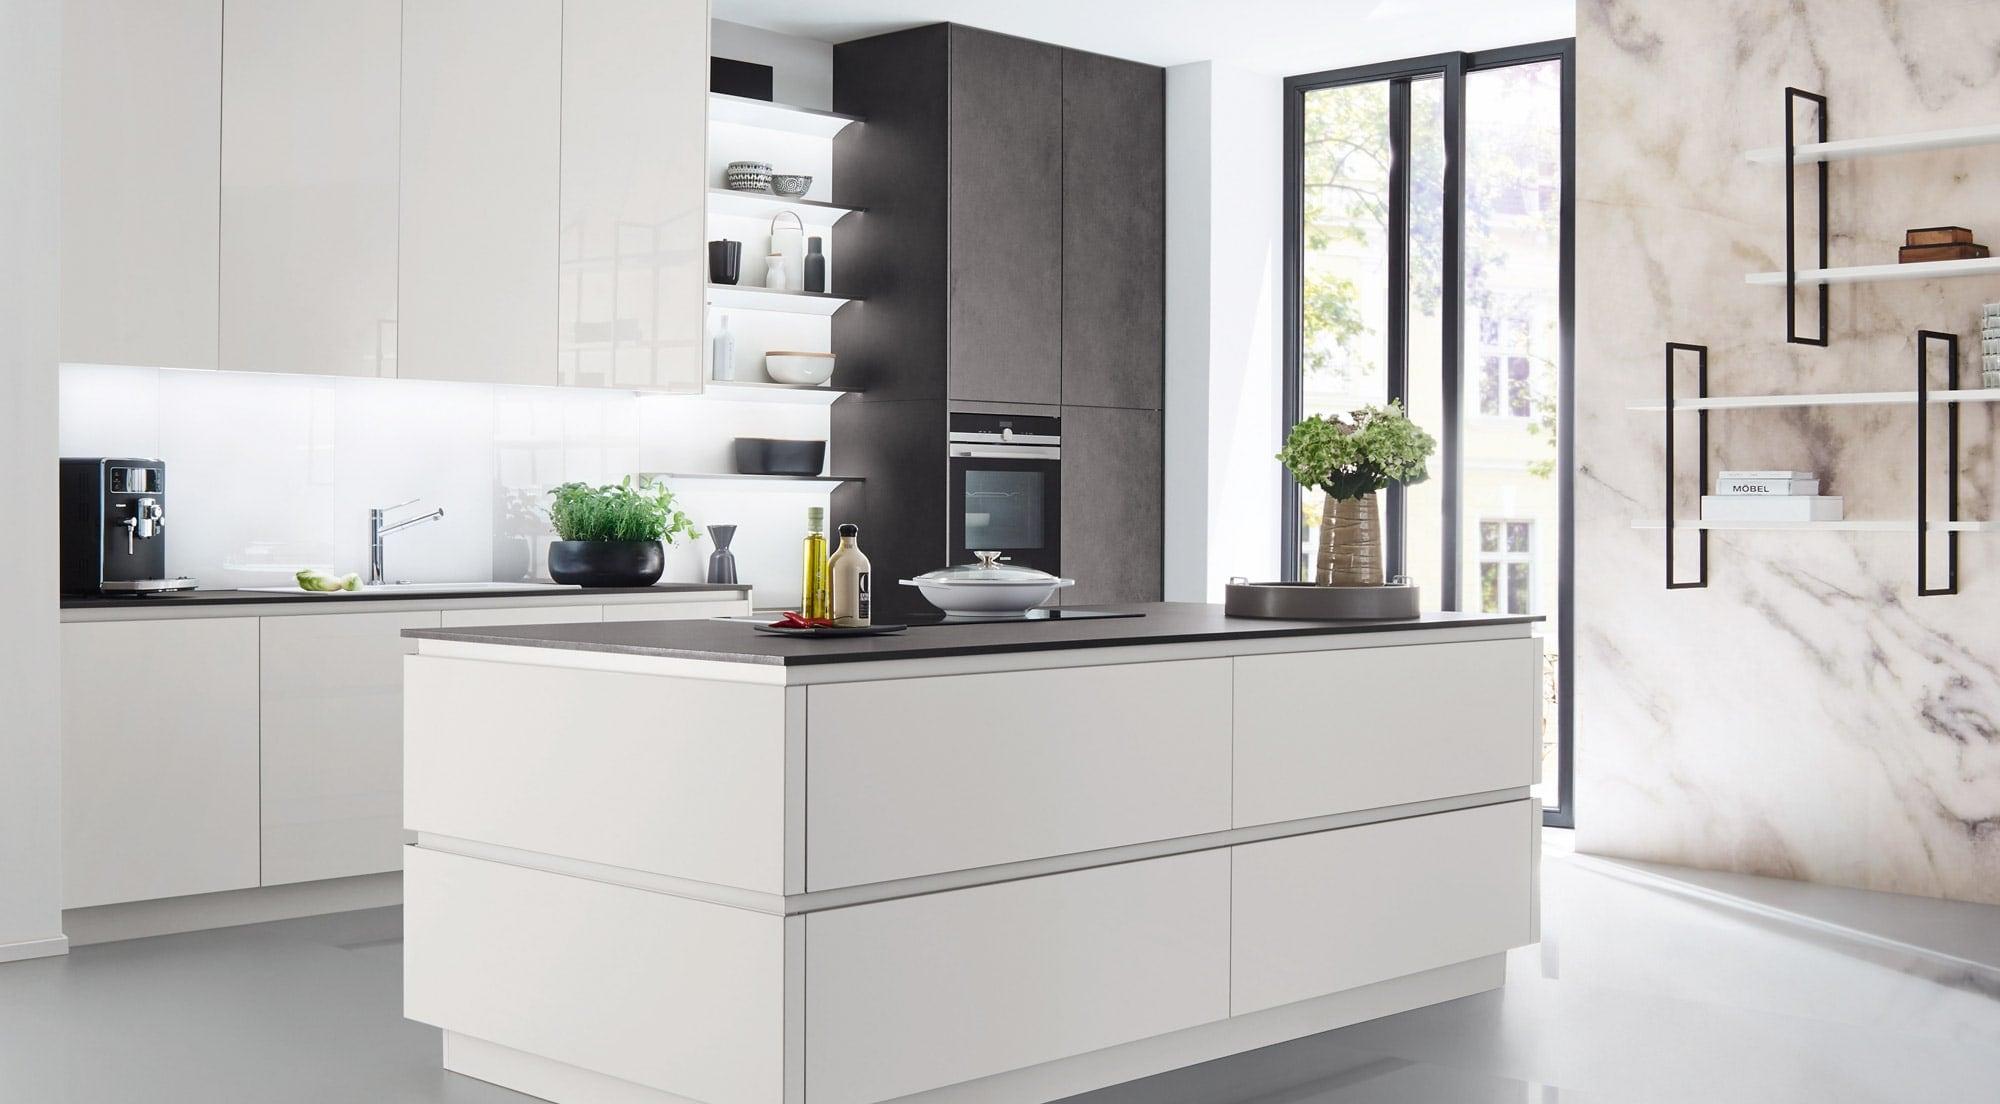 Küchen - Gerlach Living